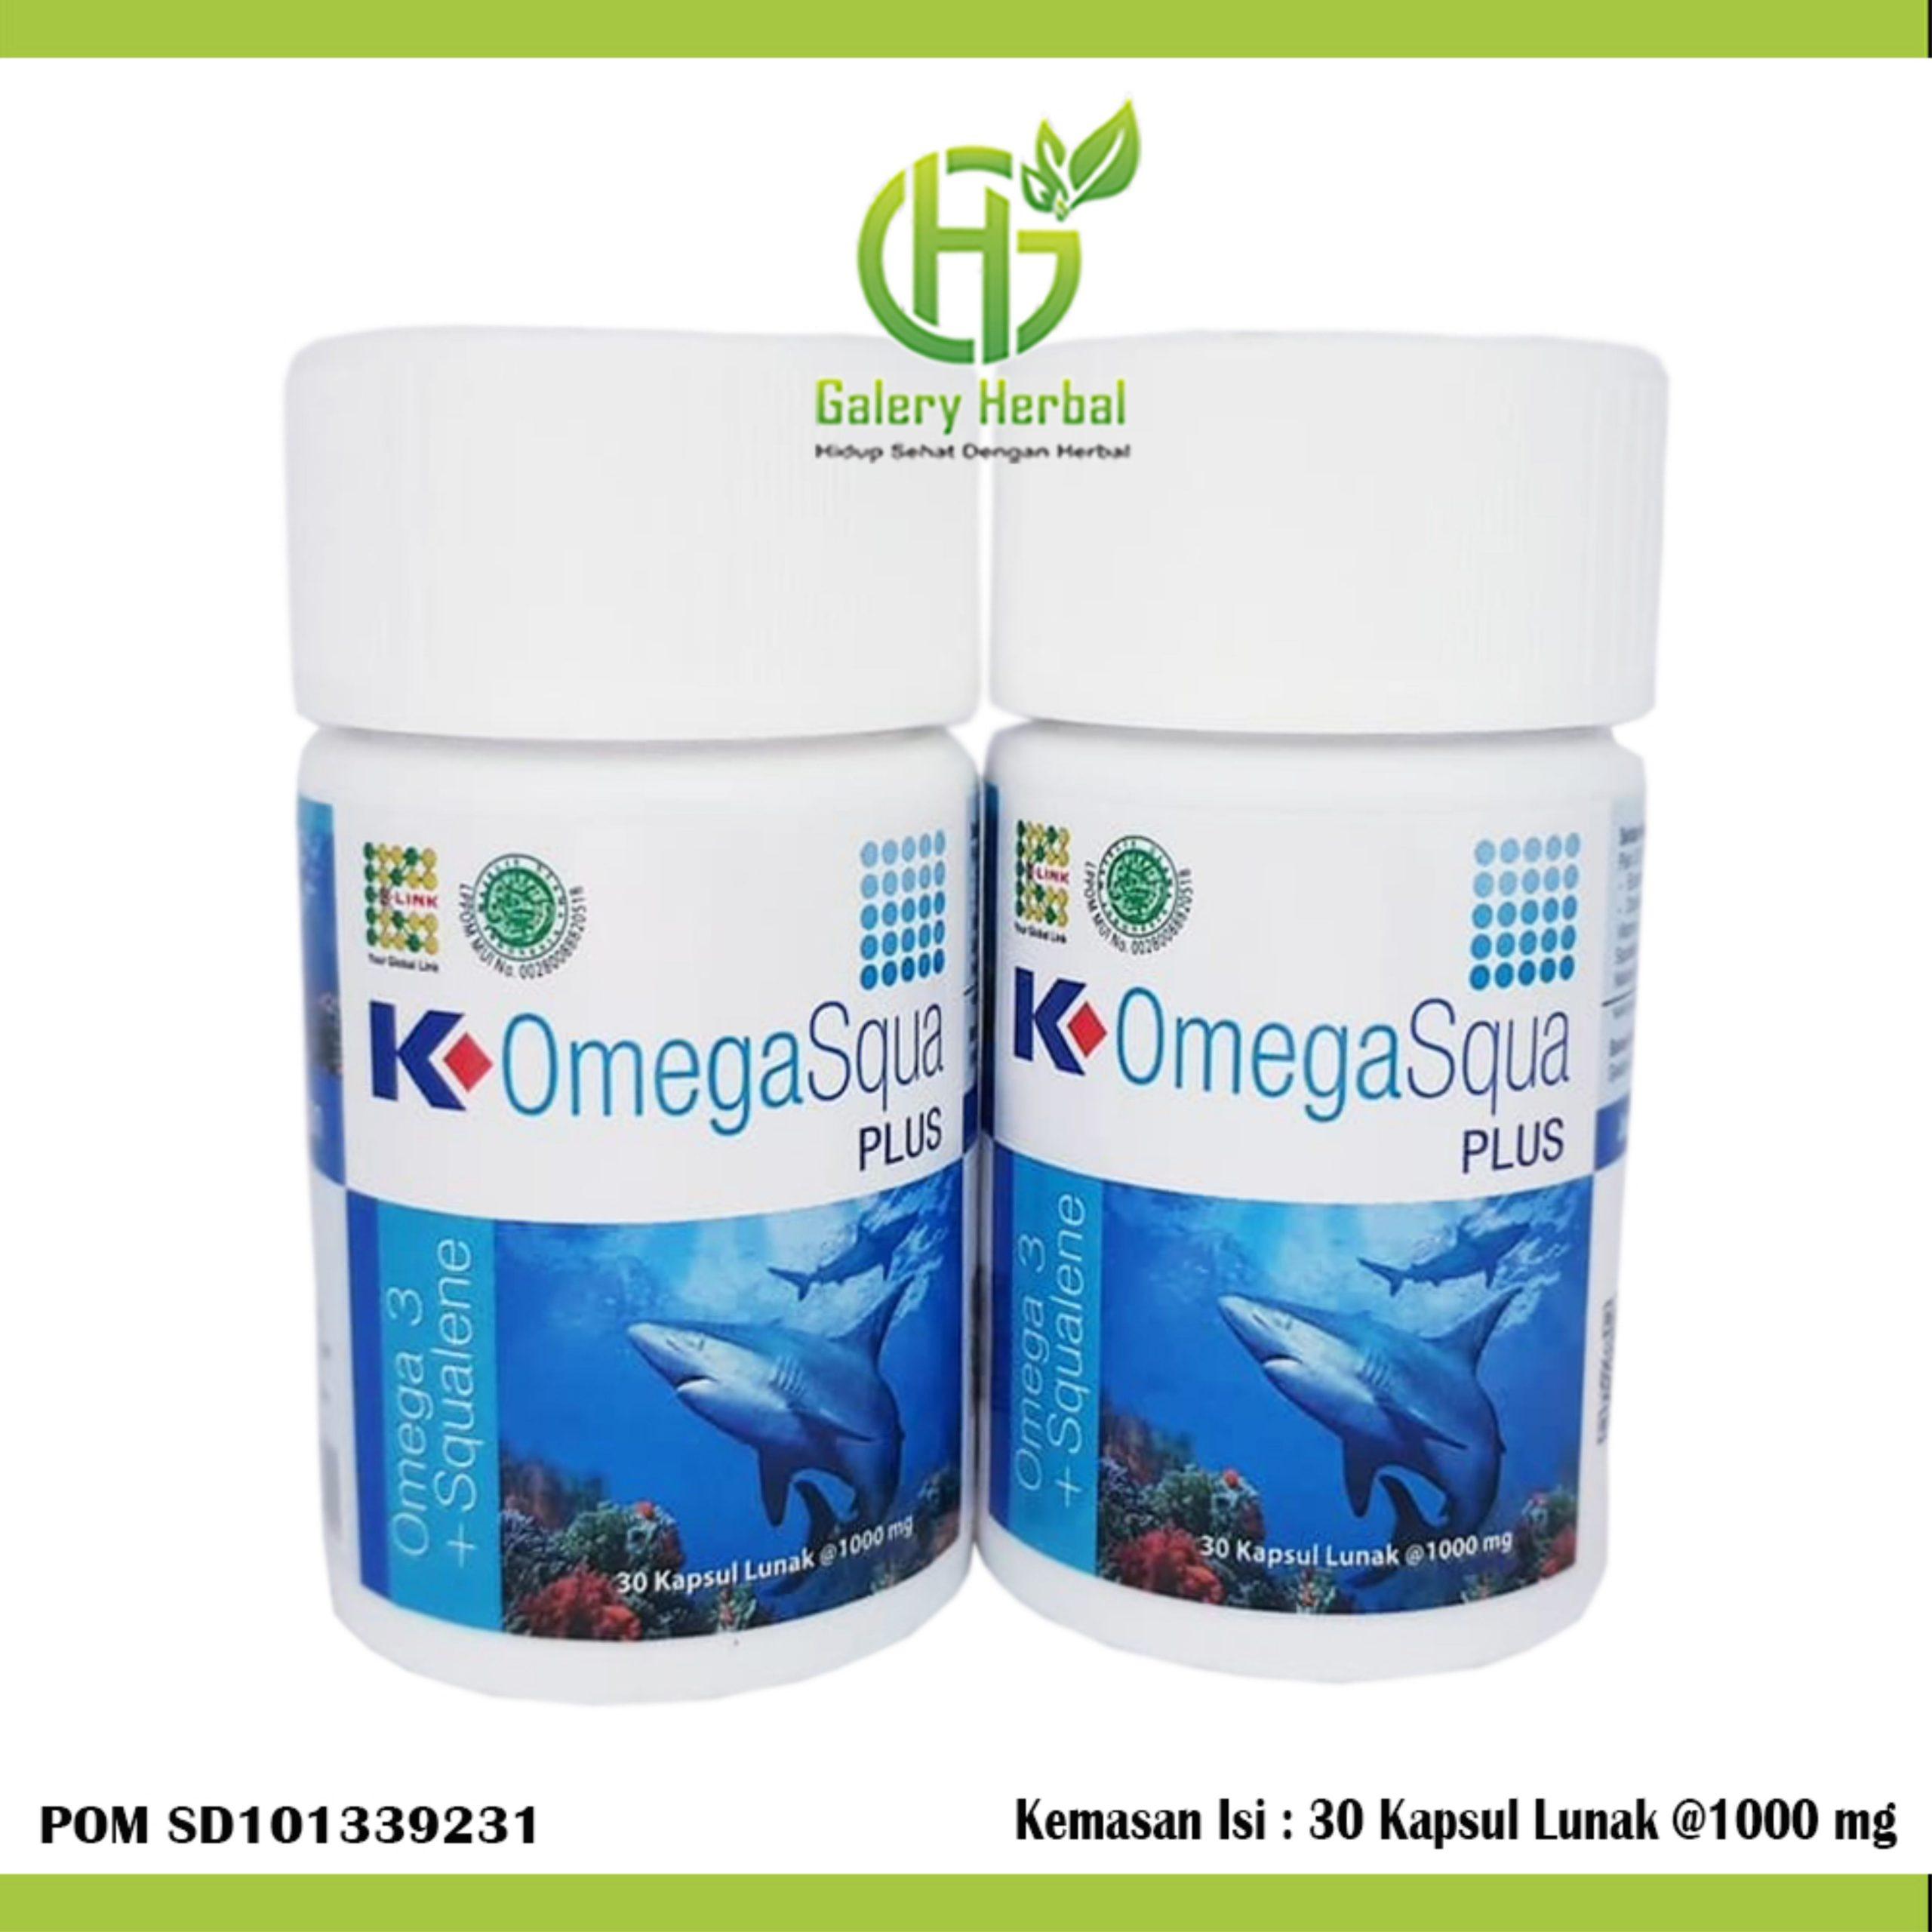 K Link Omega Squa Plus Pusat Herbal Semarang